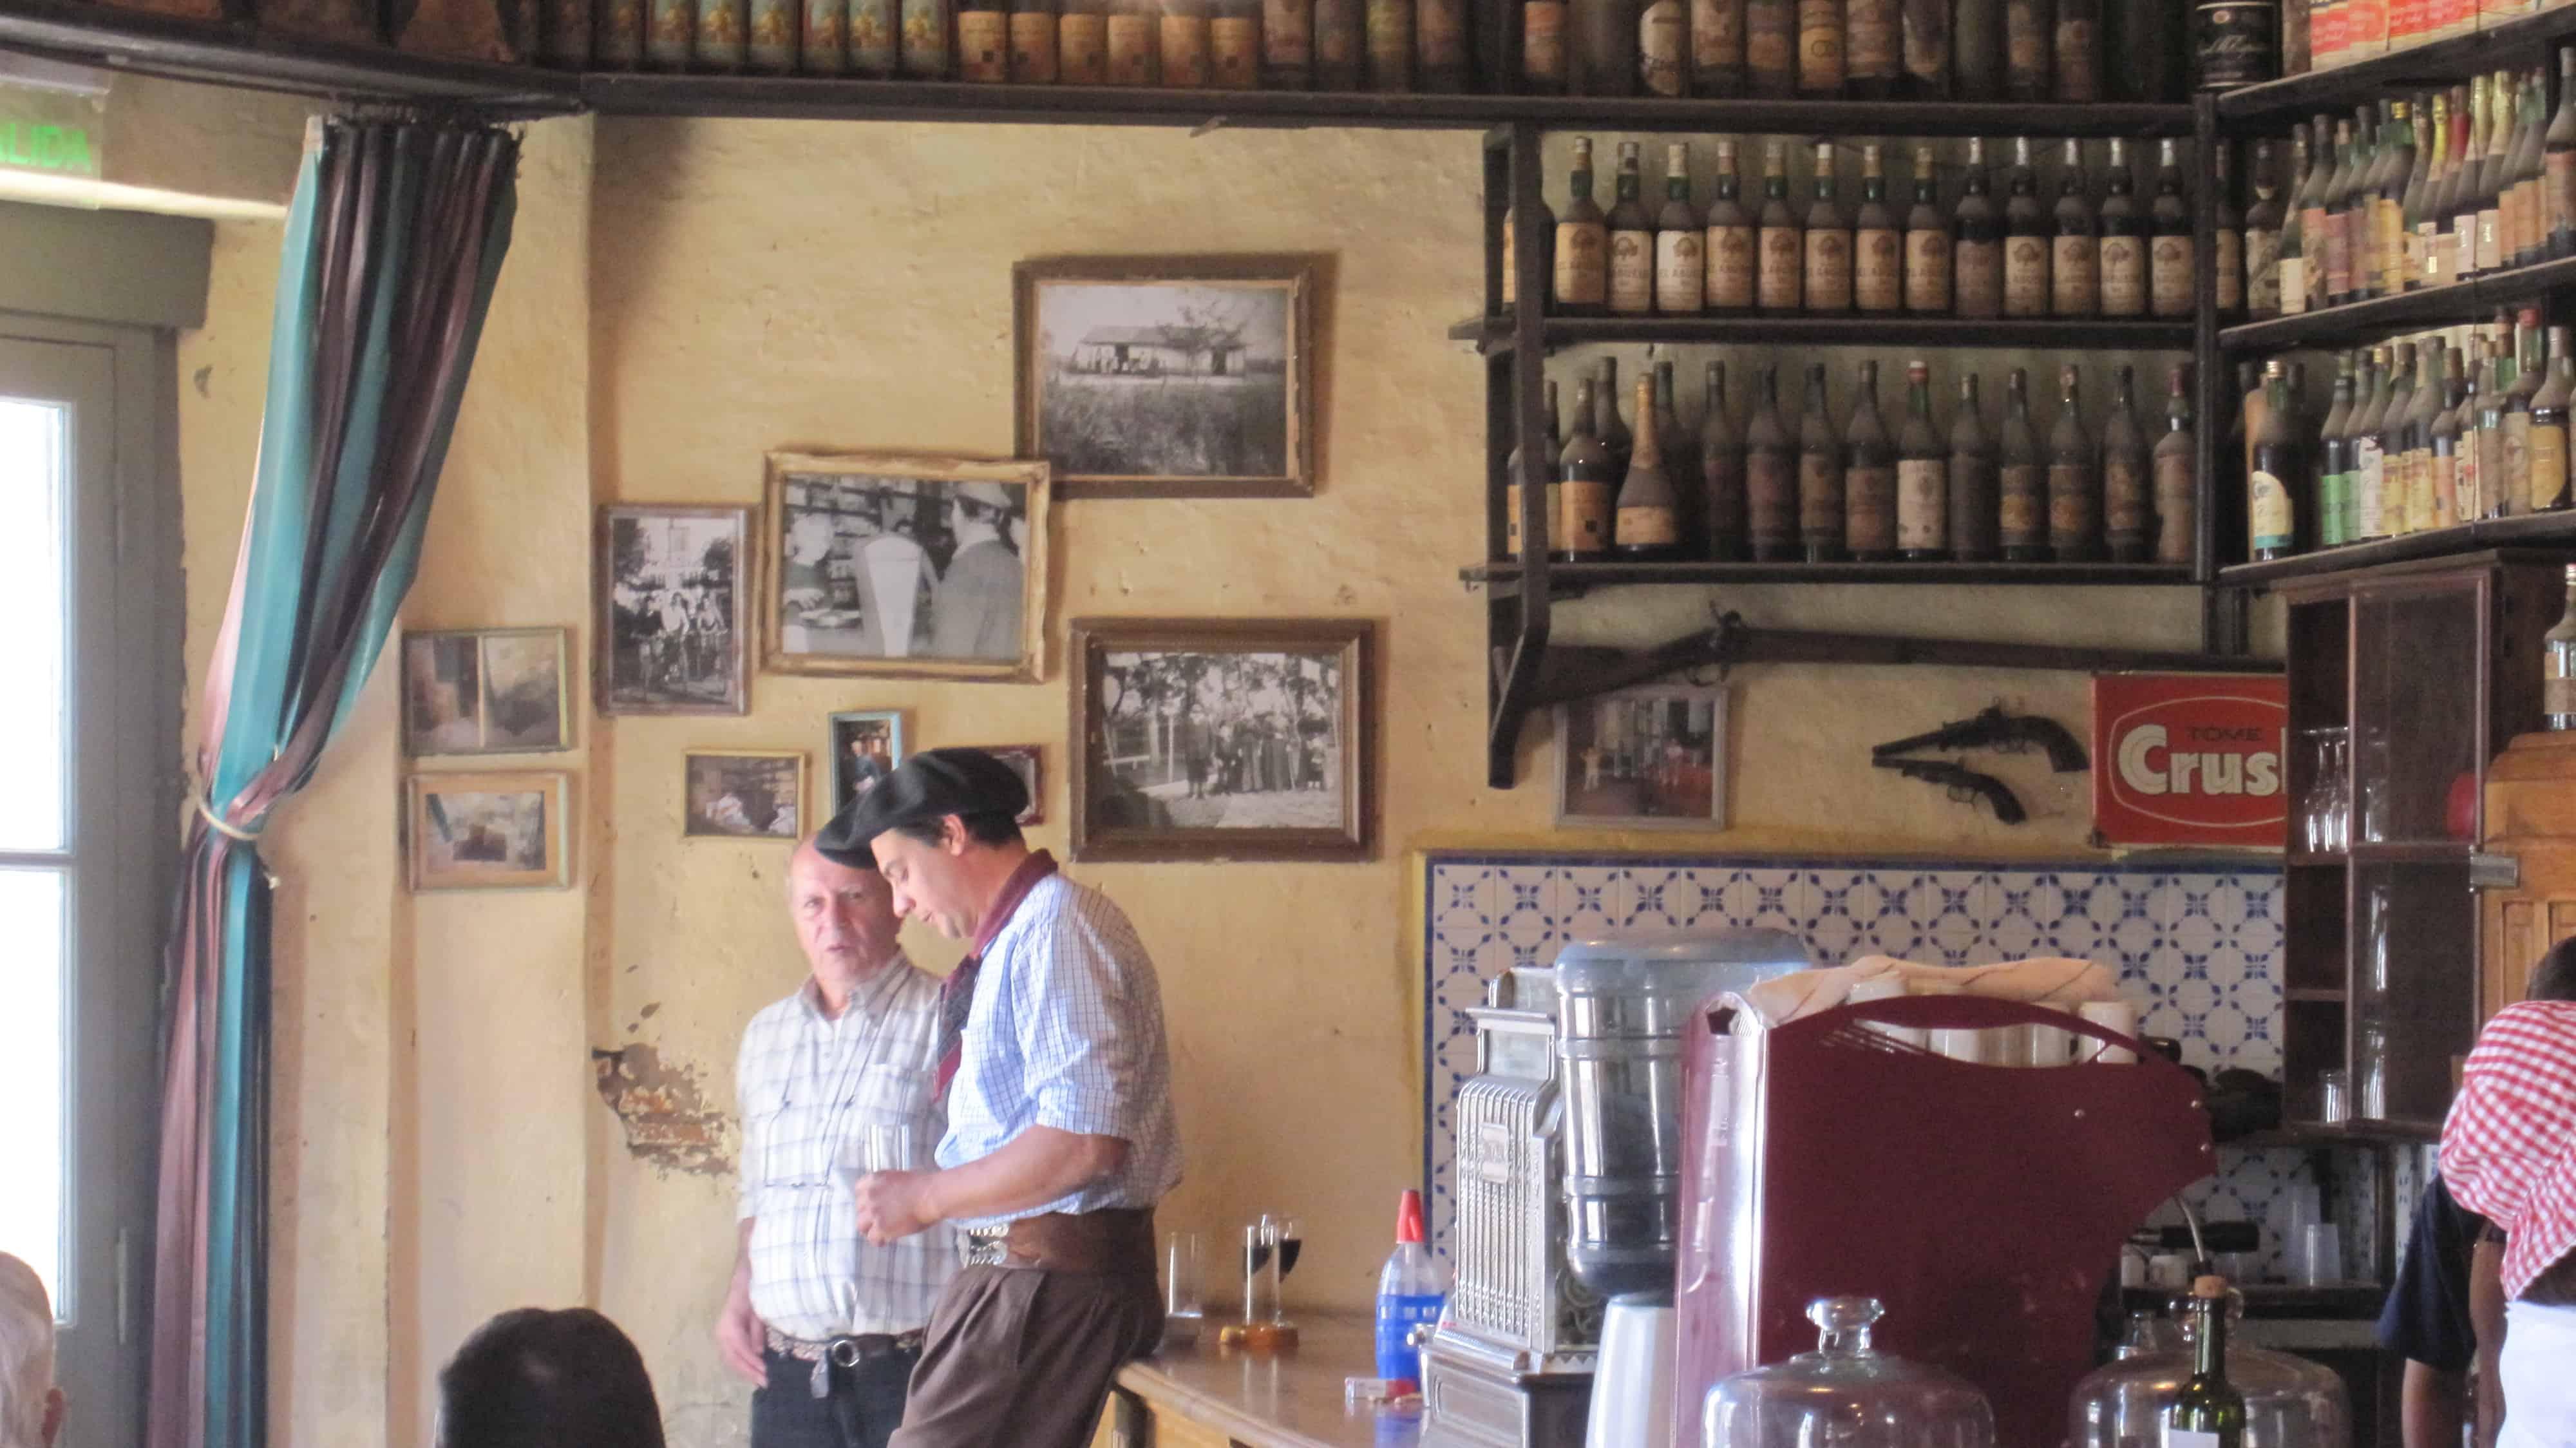 San Antonio de Areco according to Lonely Planet